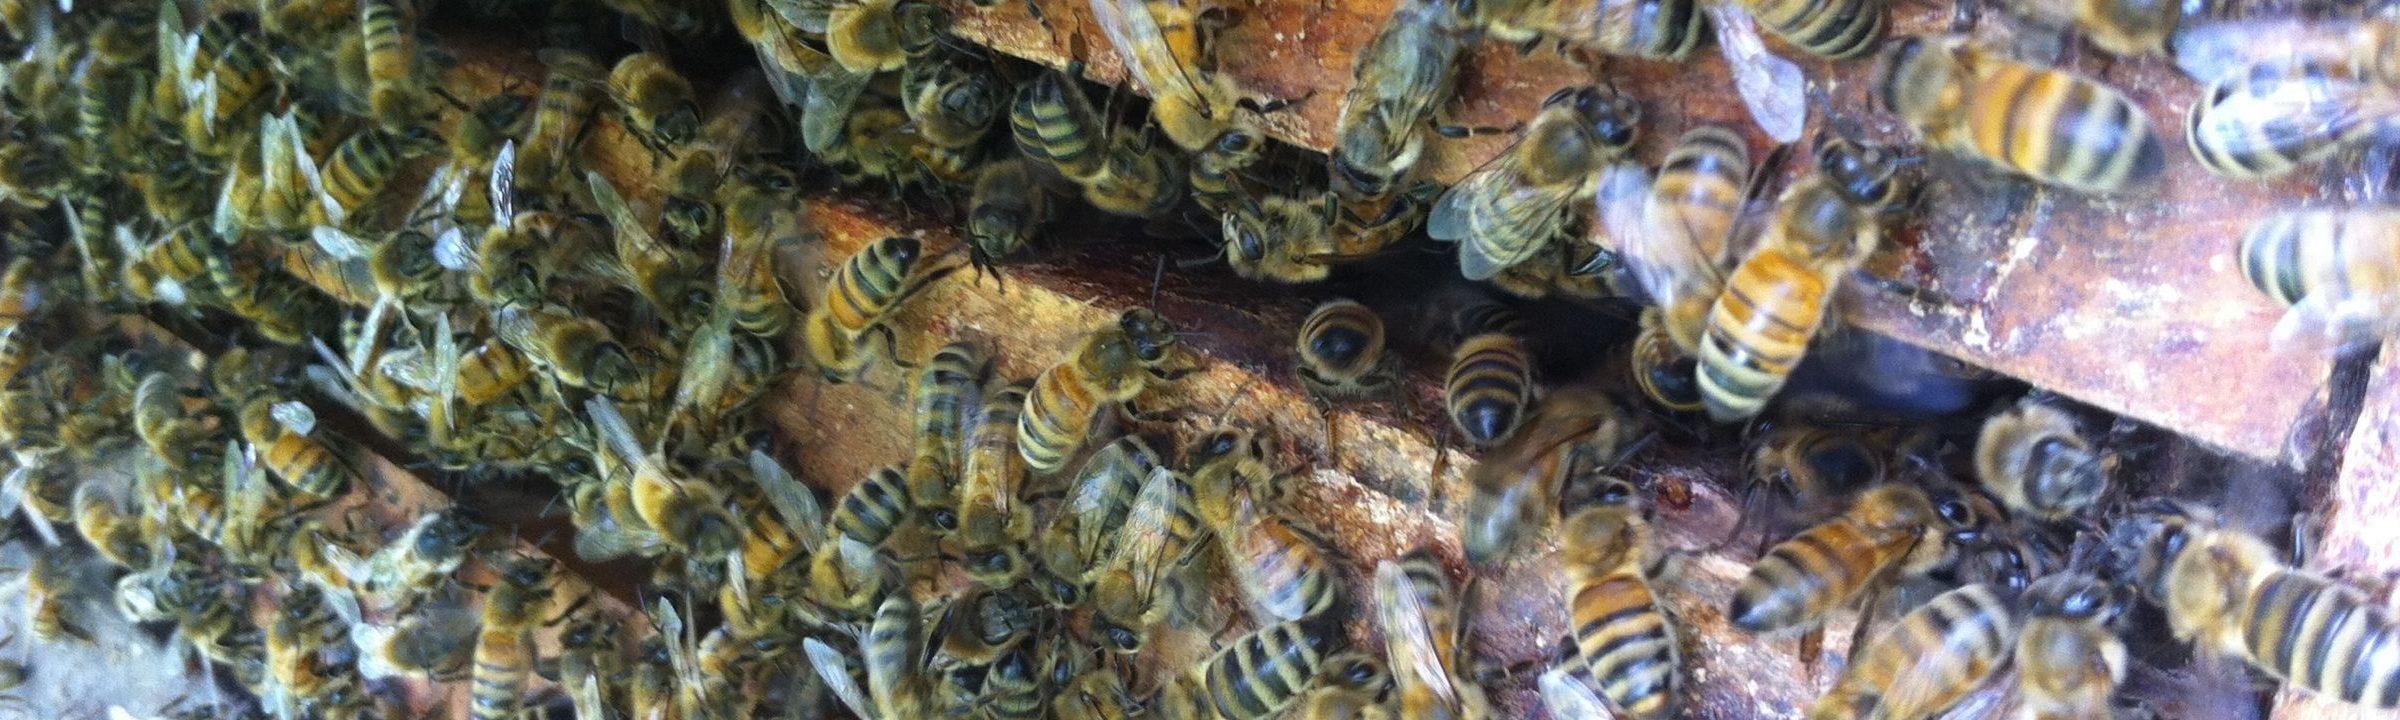 beekeeping steven martin thesacredgardener wild edibles permaculture